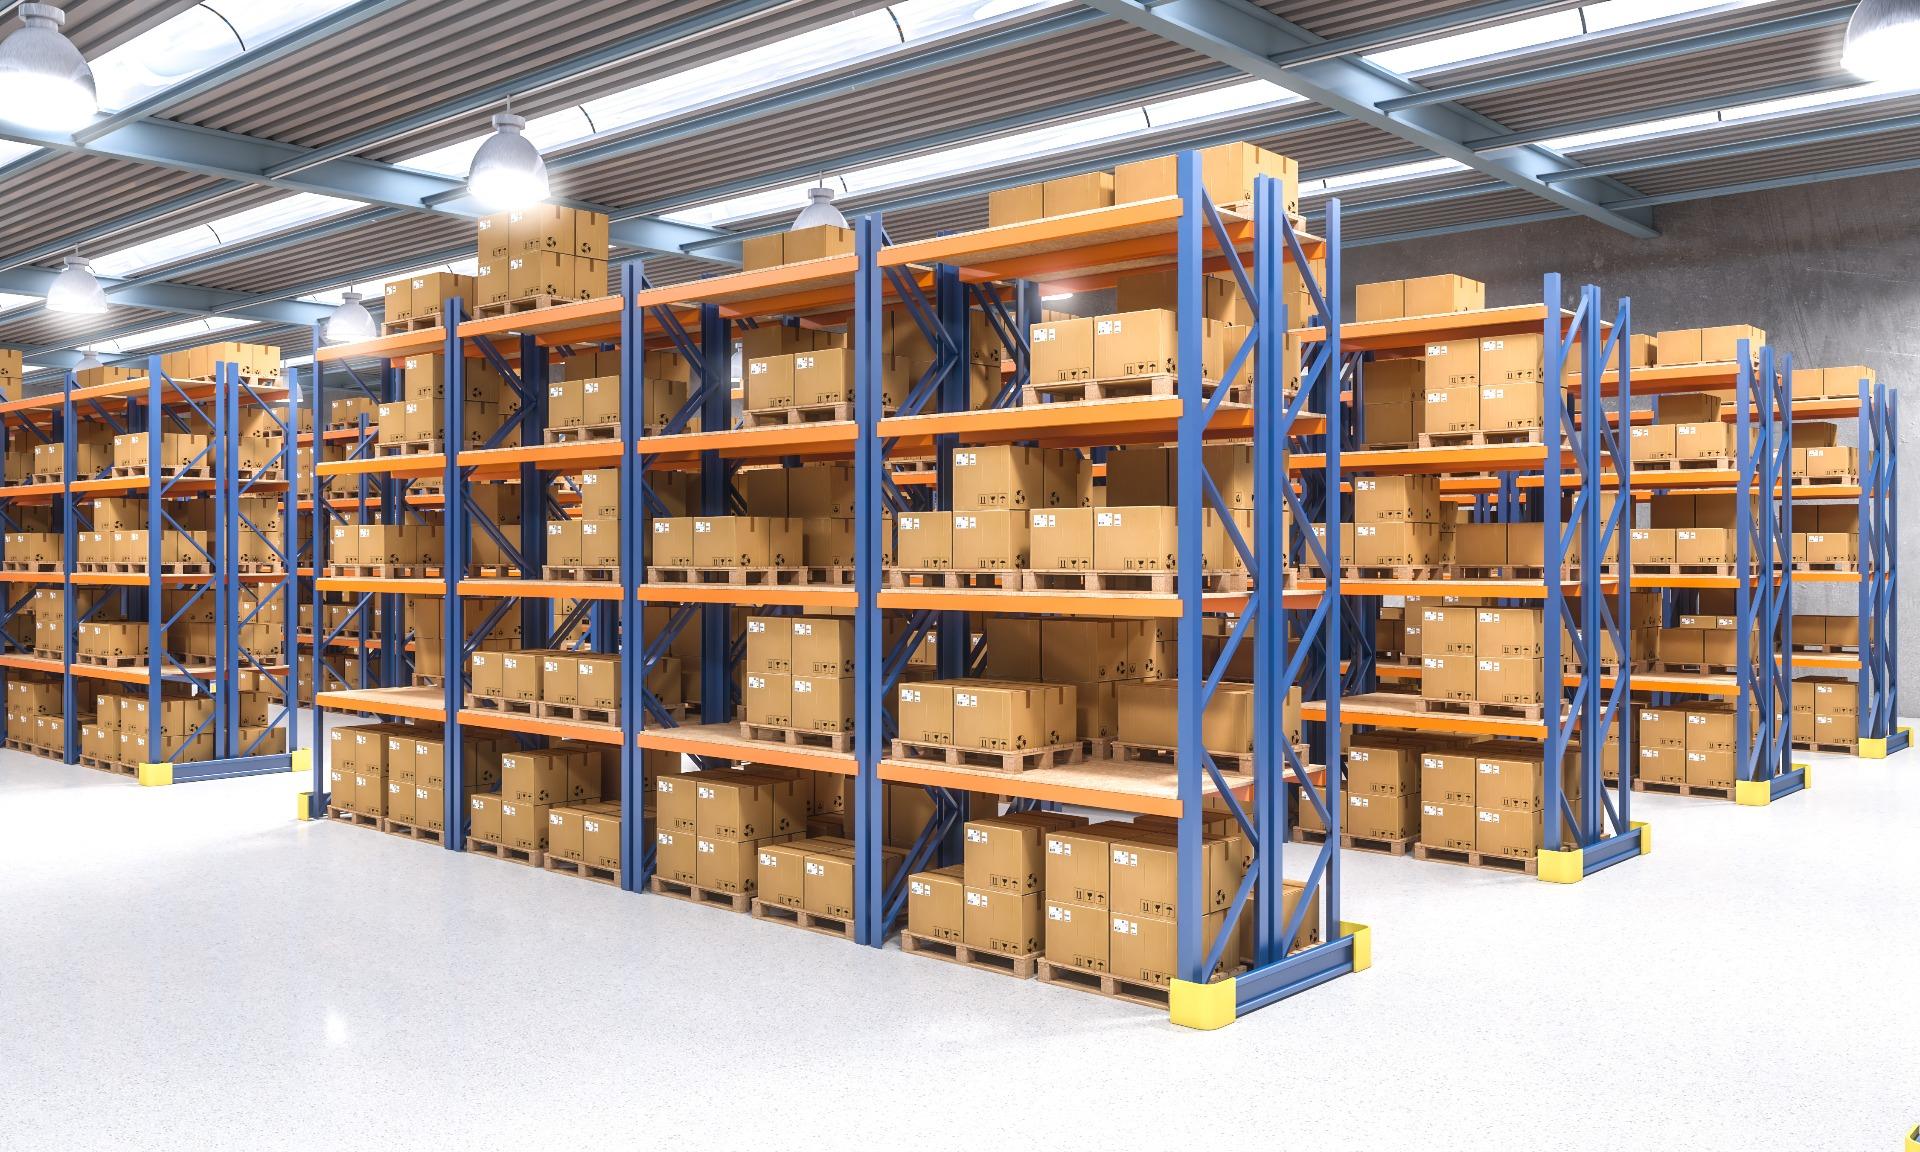 Heavy duty shelving in warehouse facility